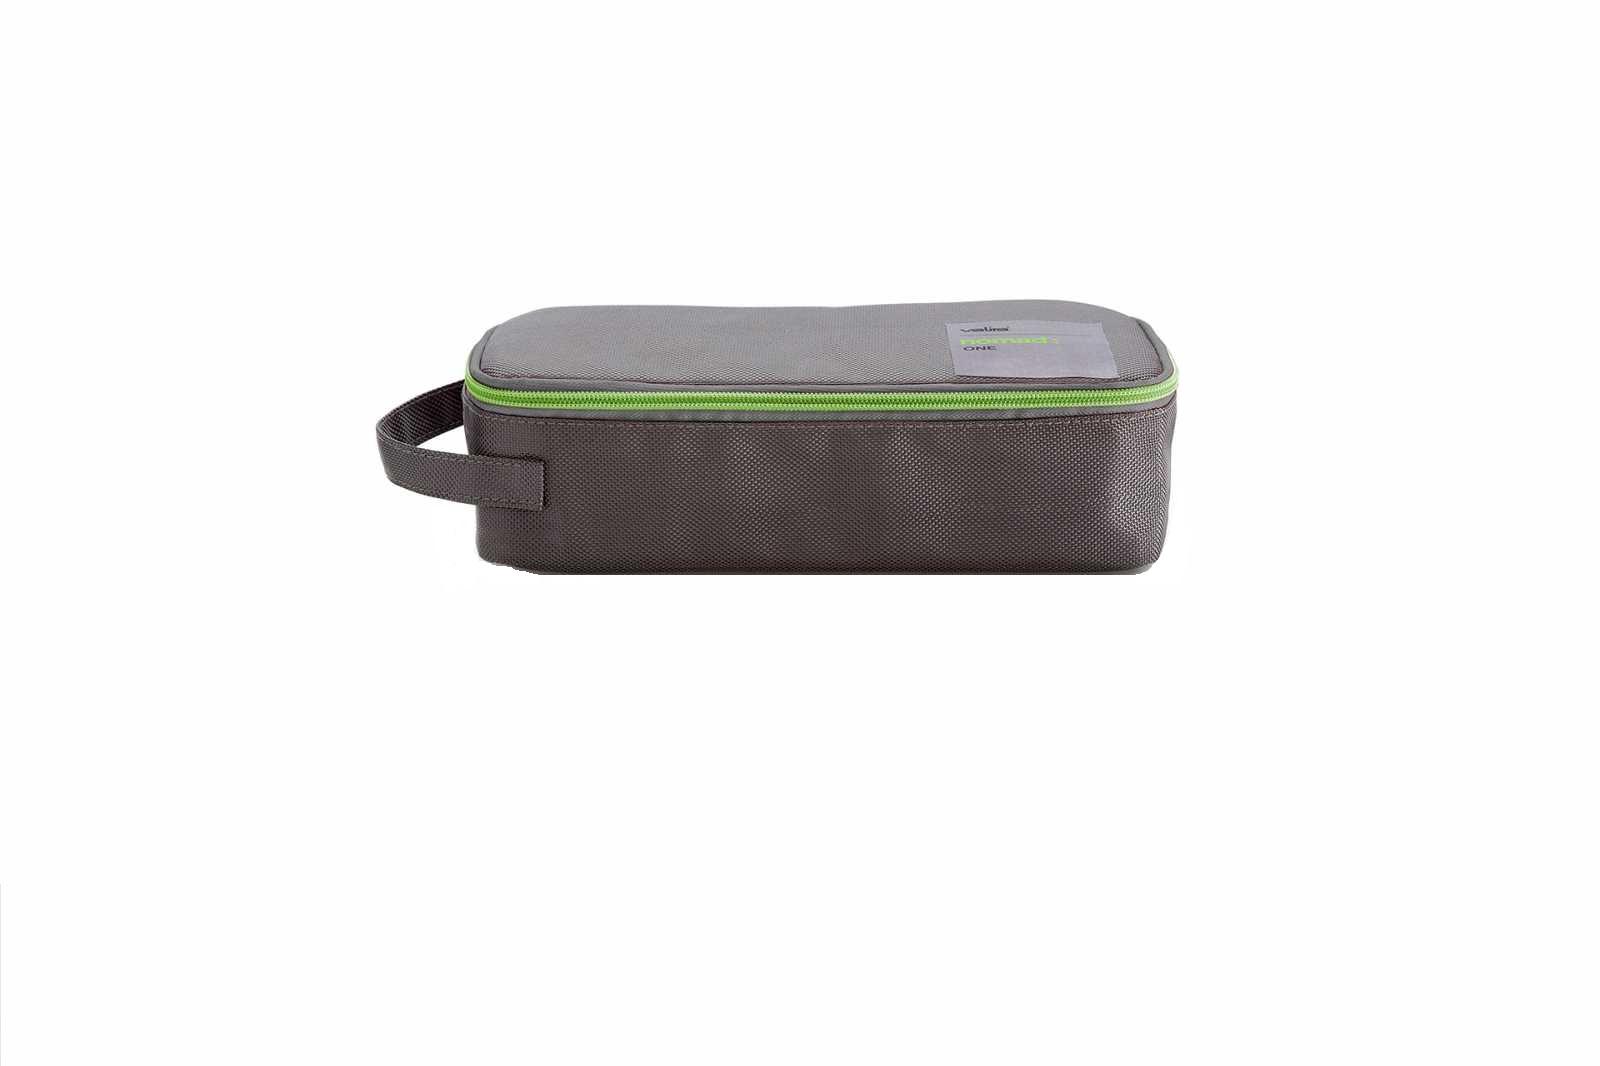 Онлайн каталог PROMENU: Набор сумка с емкостью для продуктов Valira NOMAD, серый, 2 предмета Valira 6029/147